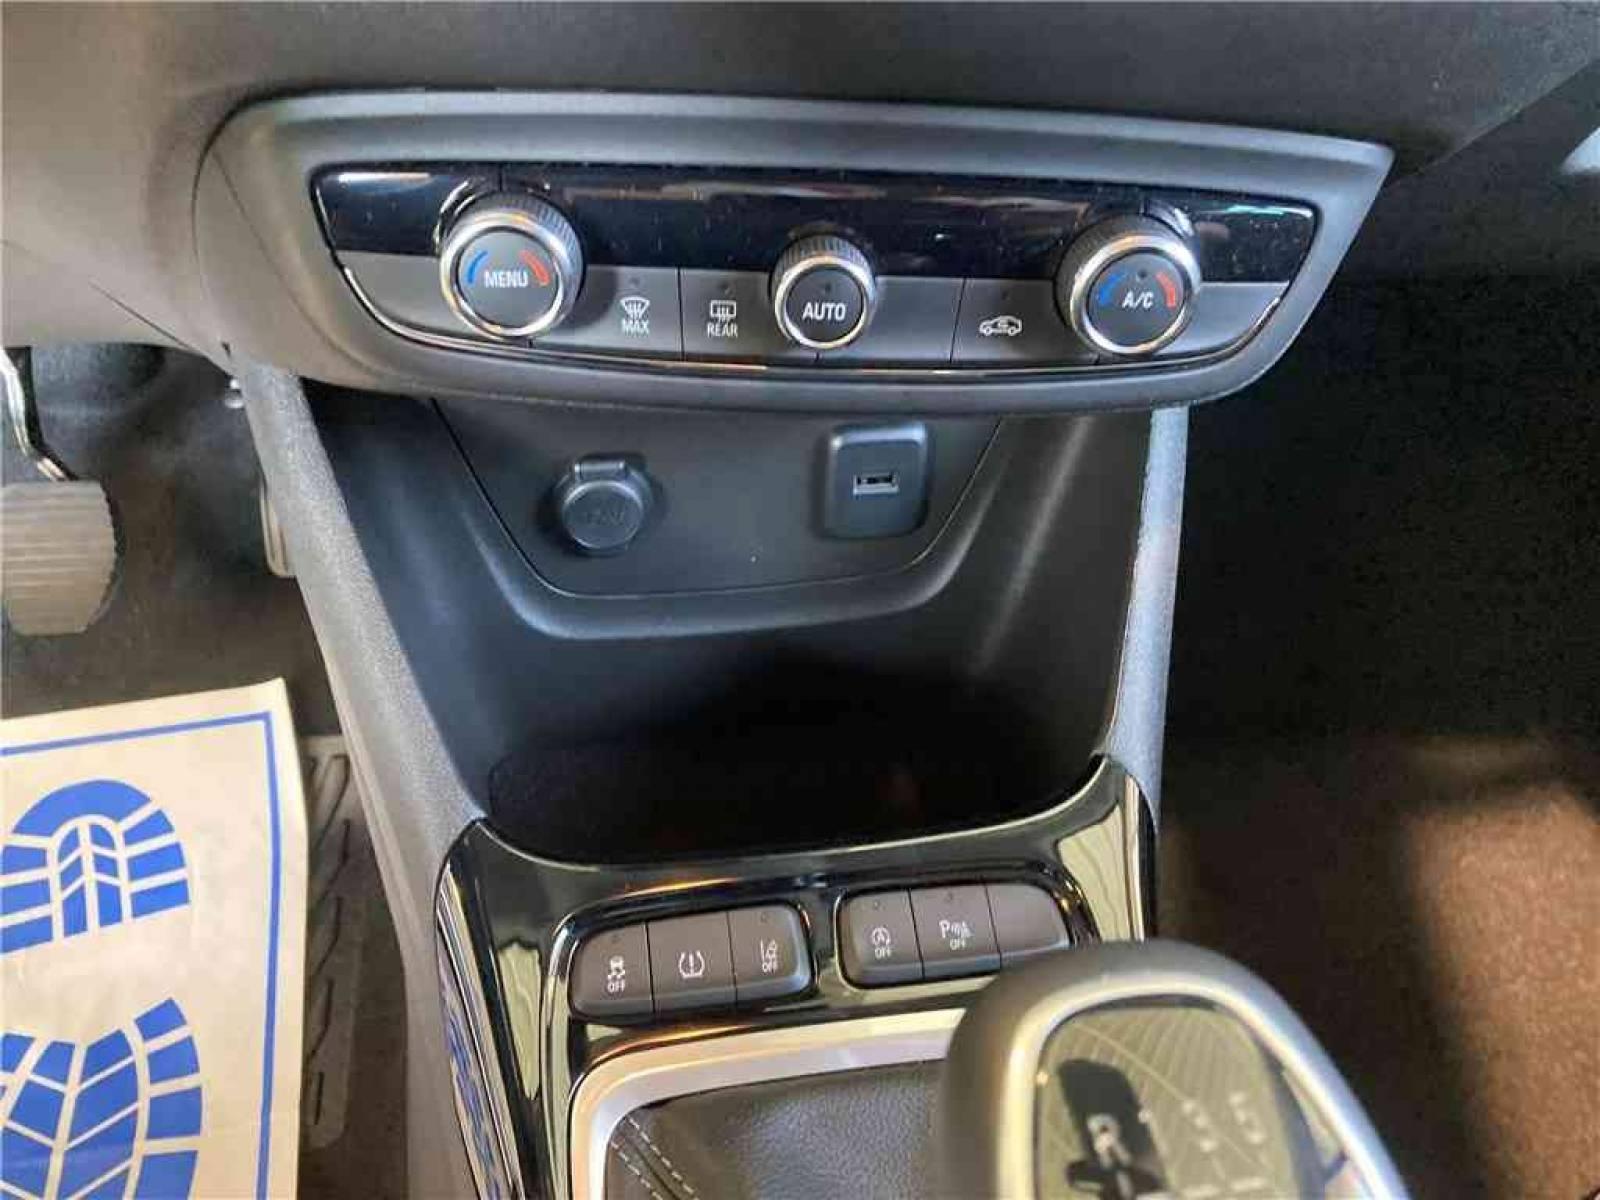 OPEL Crossland X 1.5 D 102 ch - véhicule d'occasion - Groupe Guillet - Opel Magicauto - Montceau-les-Mines - 71300 - Montceau-les-Mines - 14